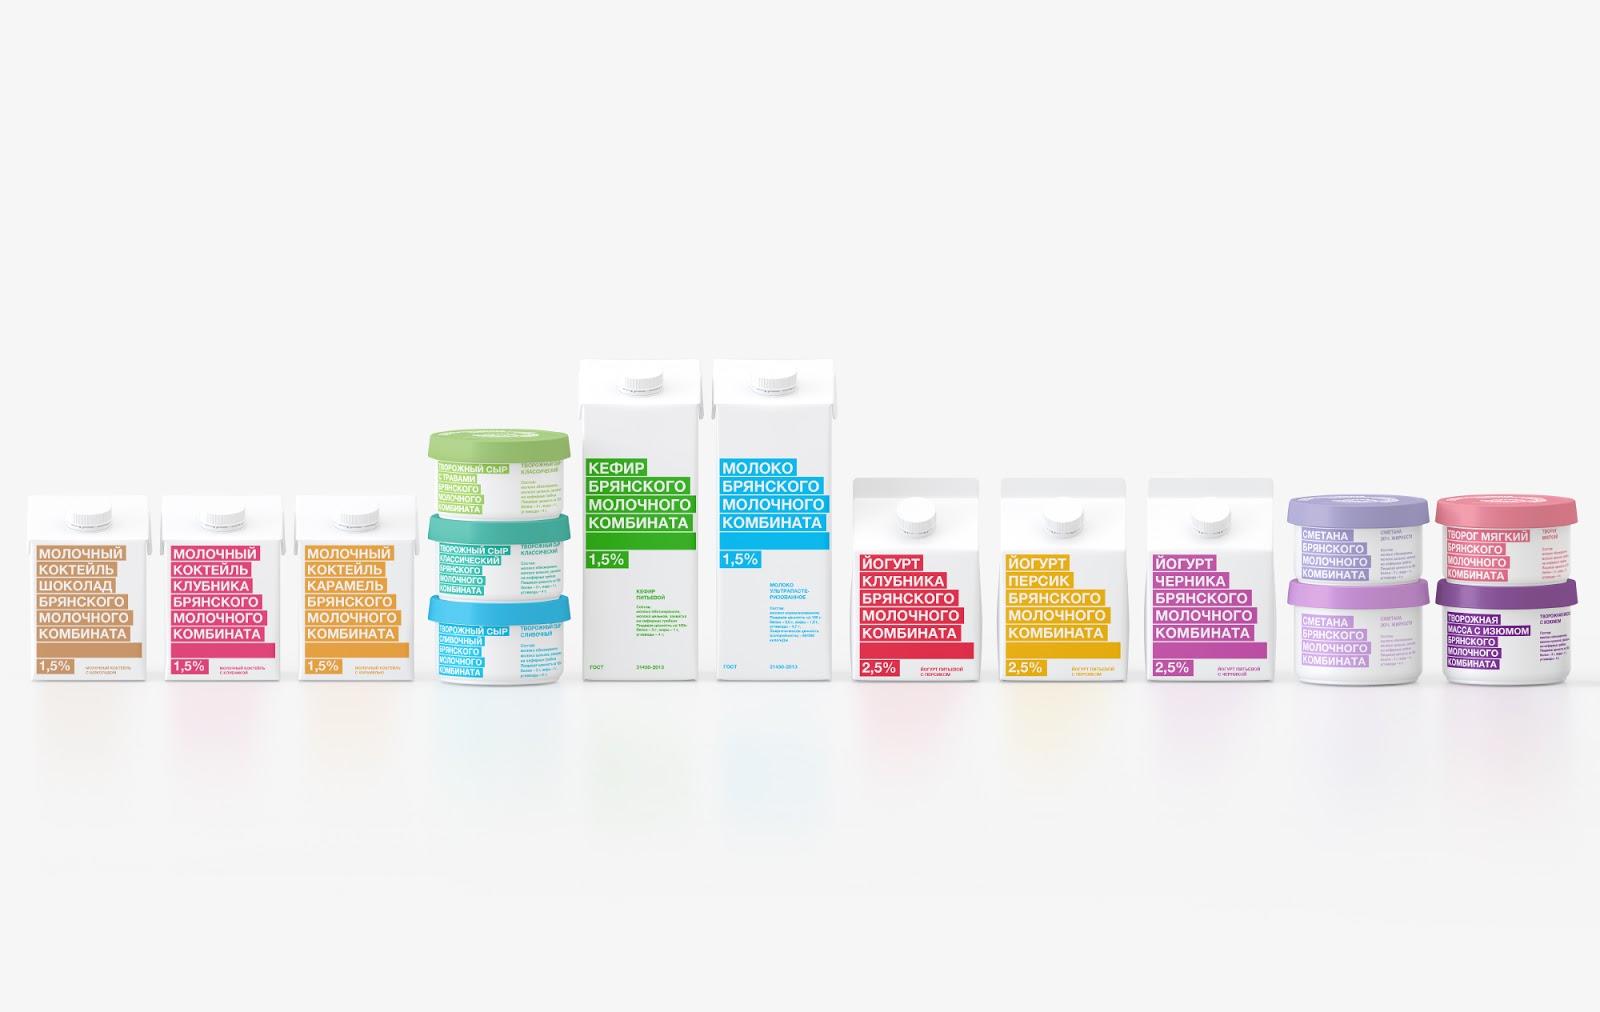 BMK牛奶包装设计